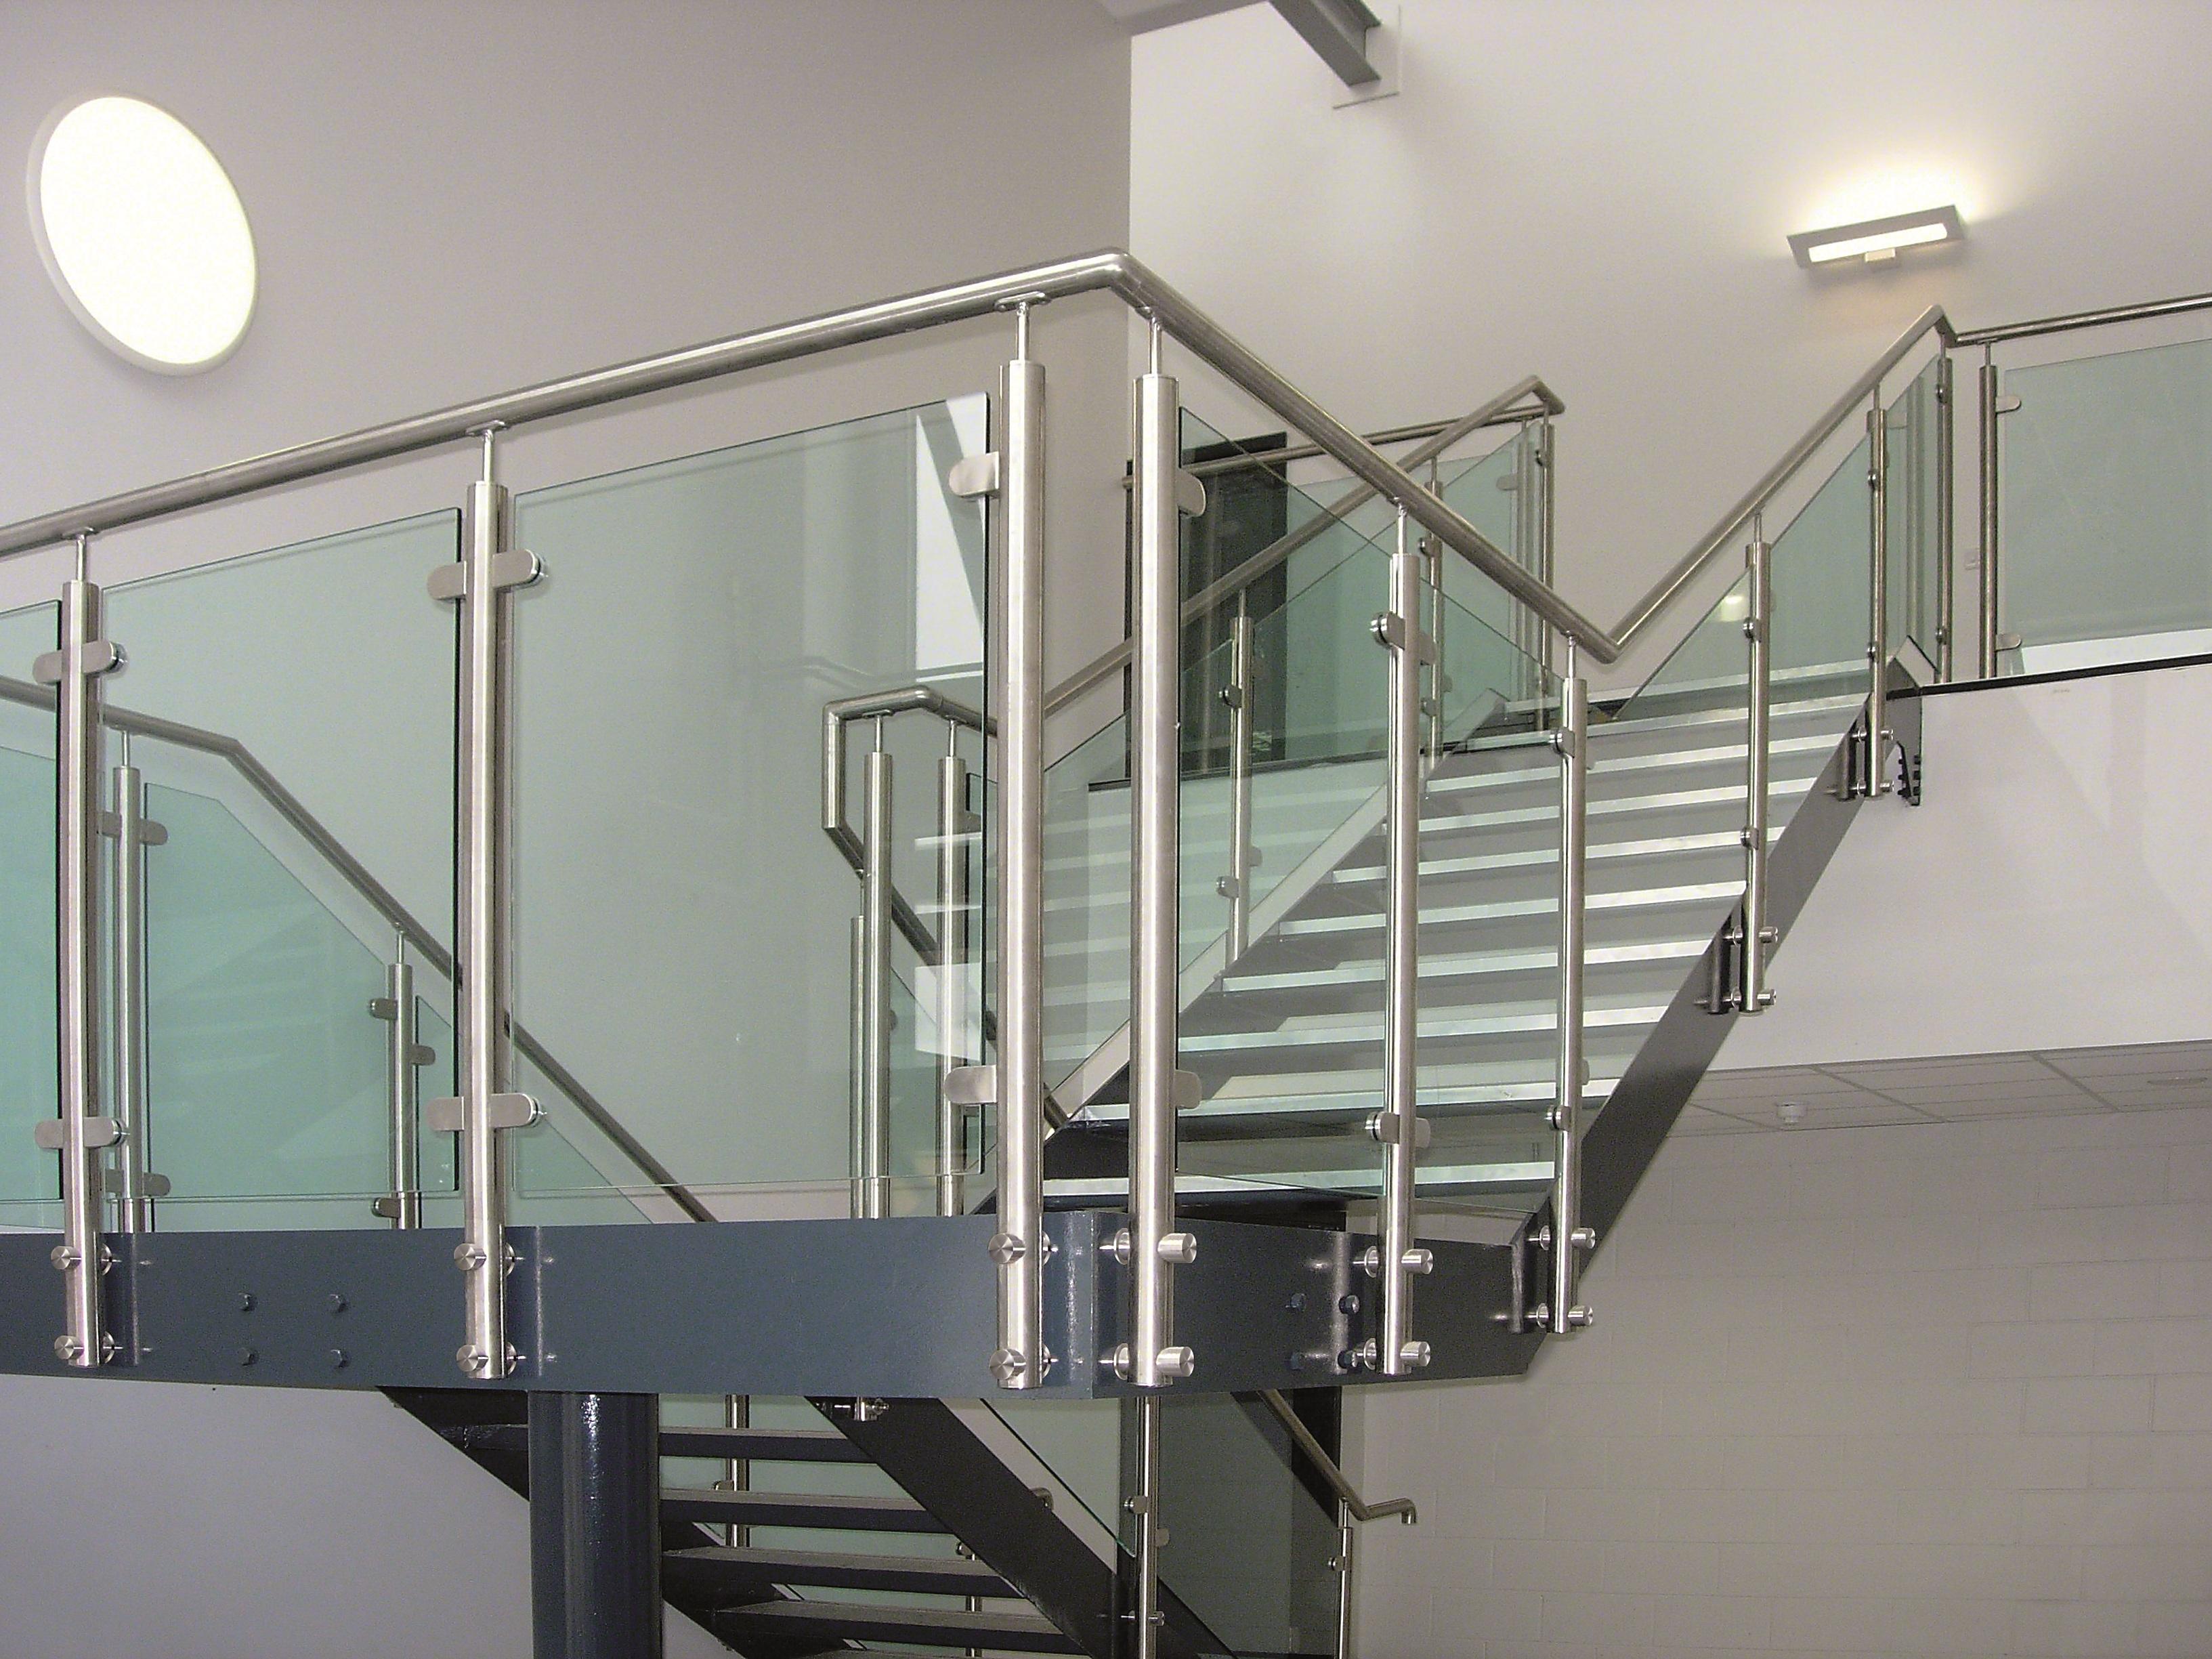 Barandilla de vidrio de pinzas en escalera - Normativa barandillas exteriores ...